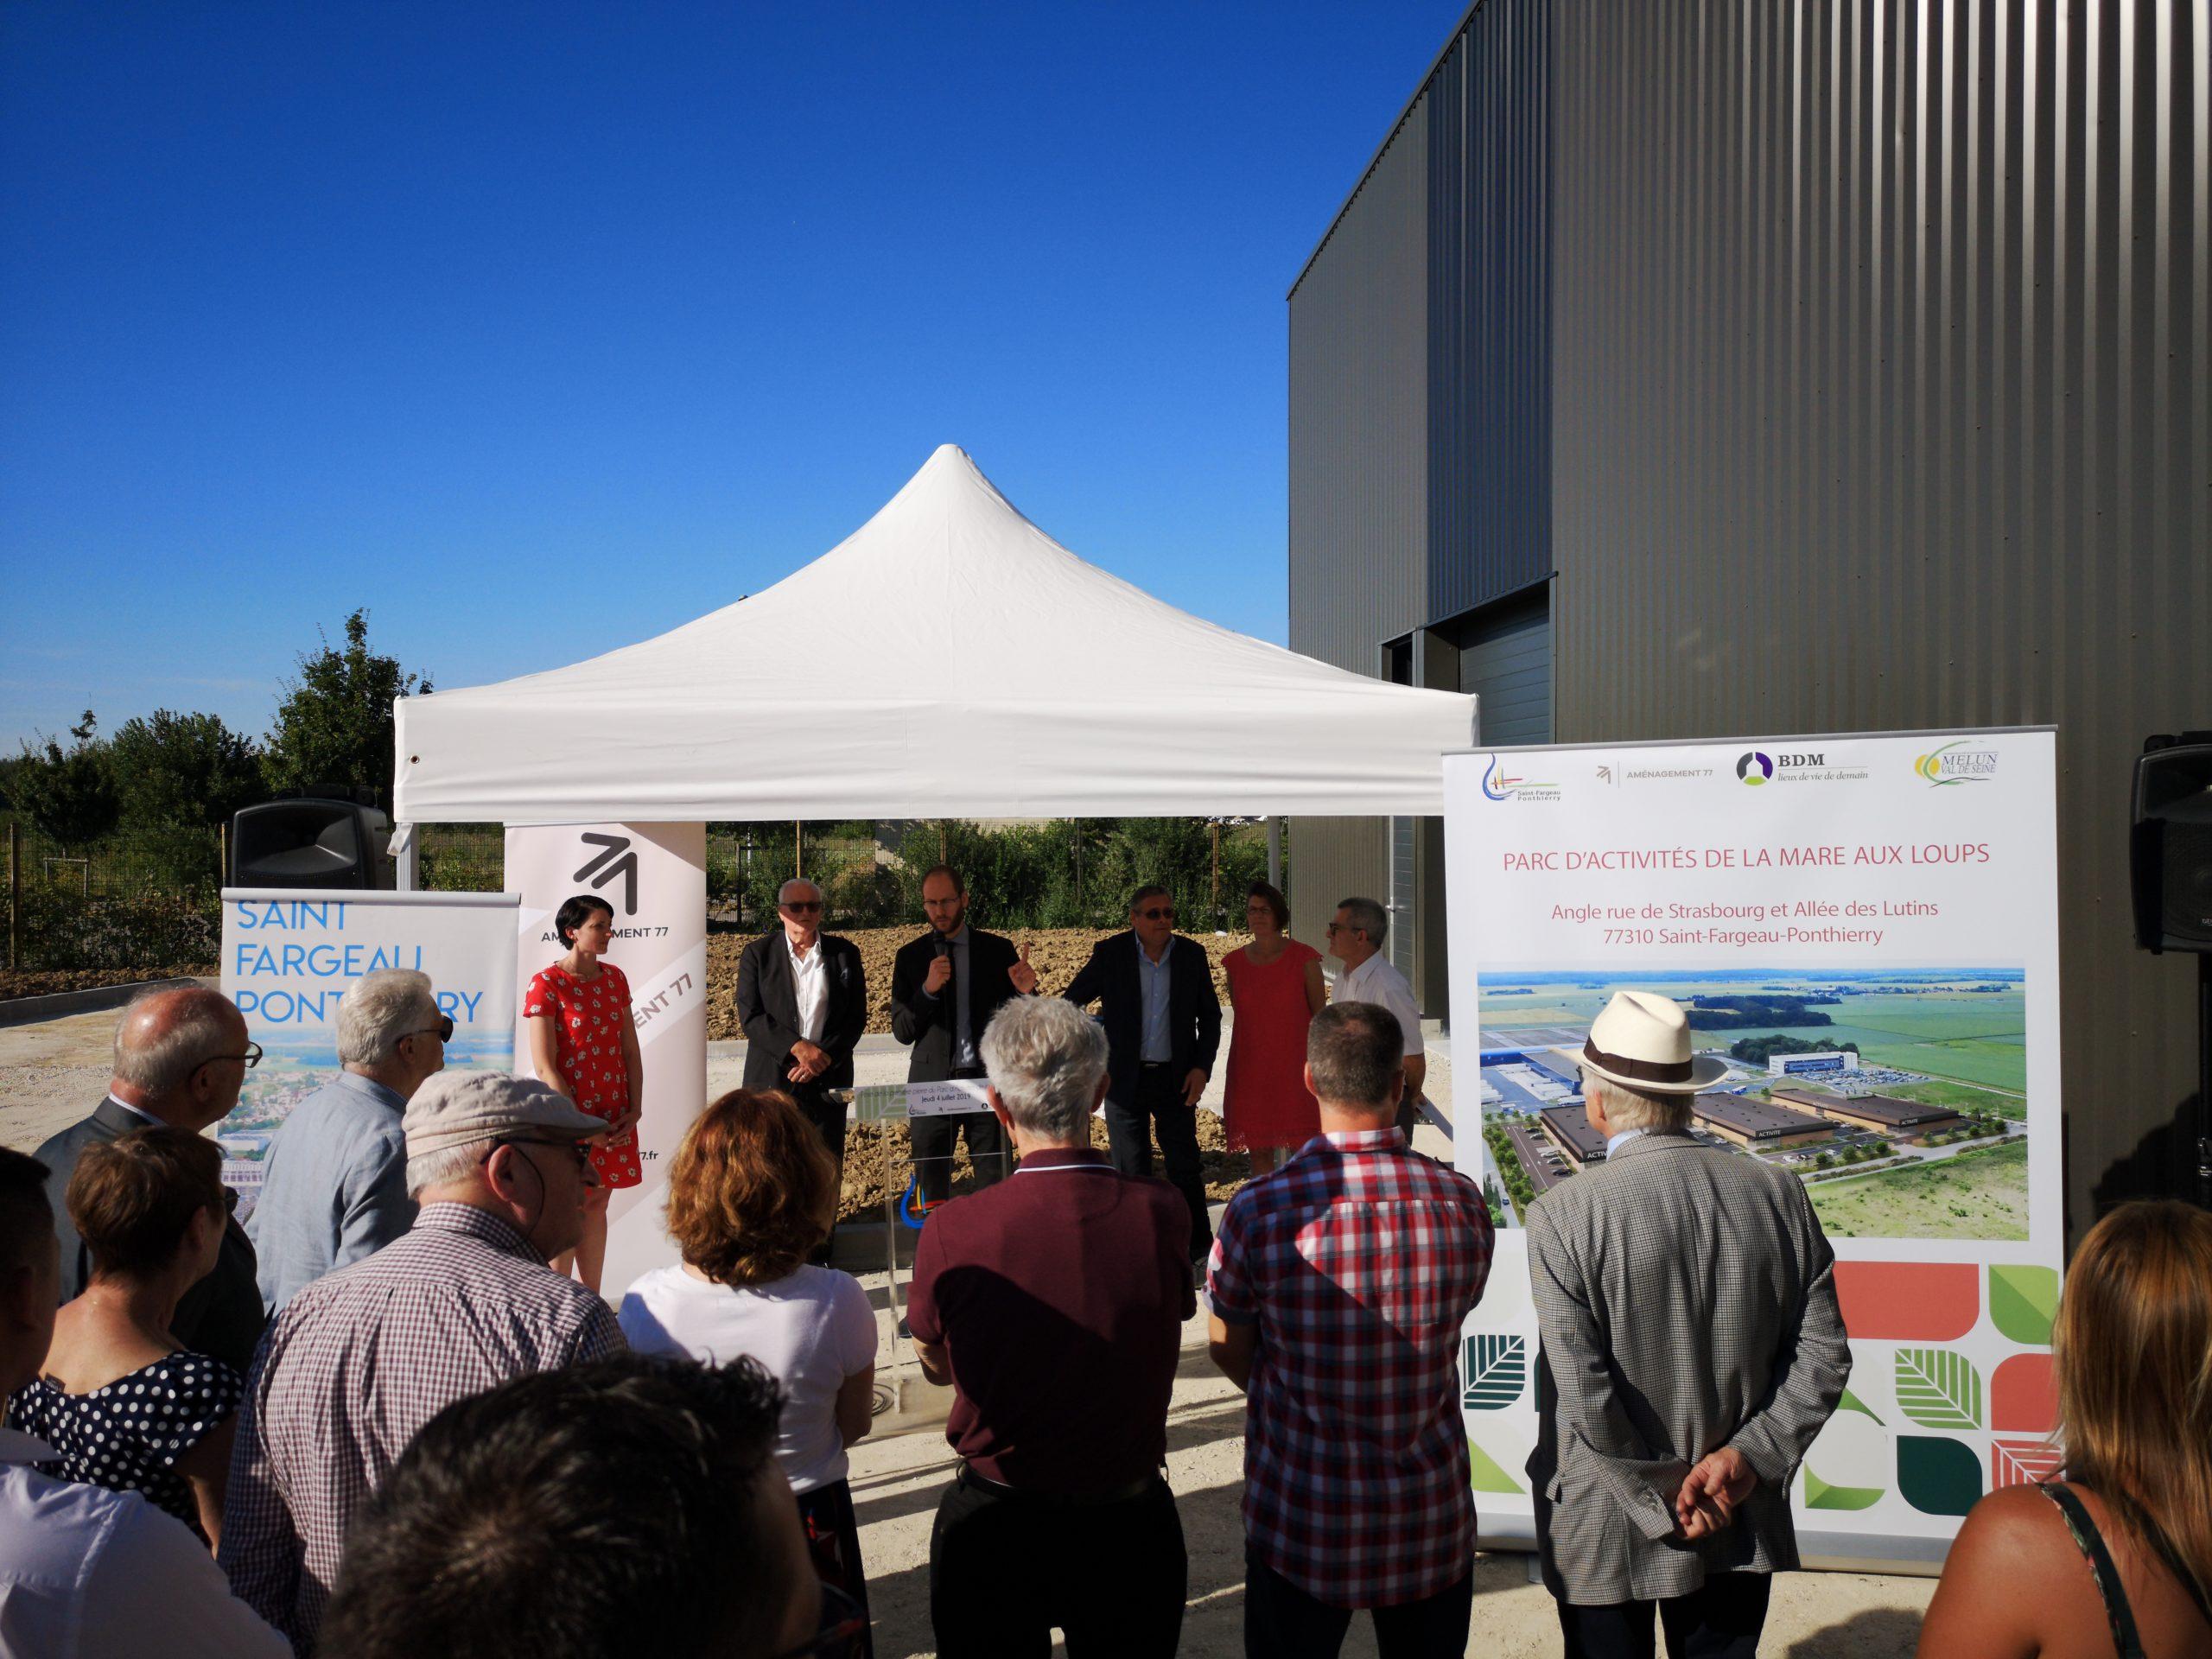 Pose de la 1ère pierre du parc d'activités de la Mare aux Loups destiné à recevoir des PME et PMI (2019)